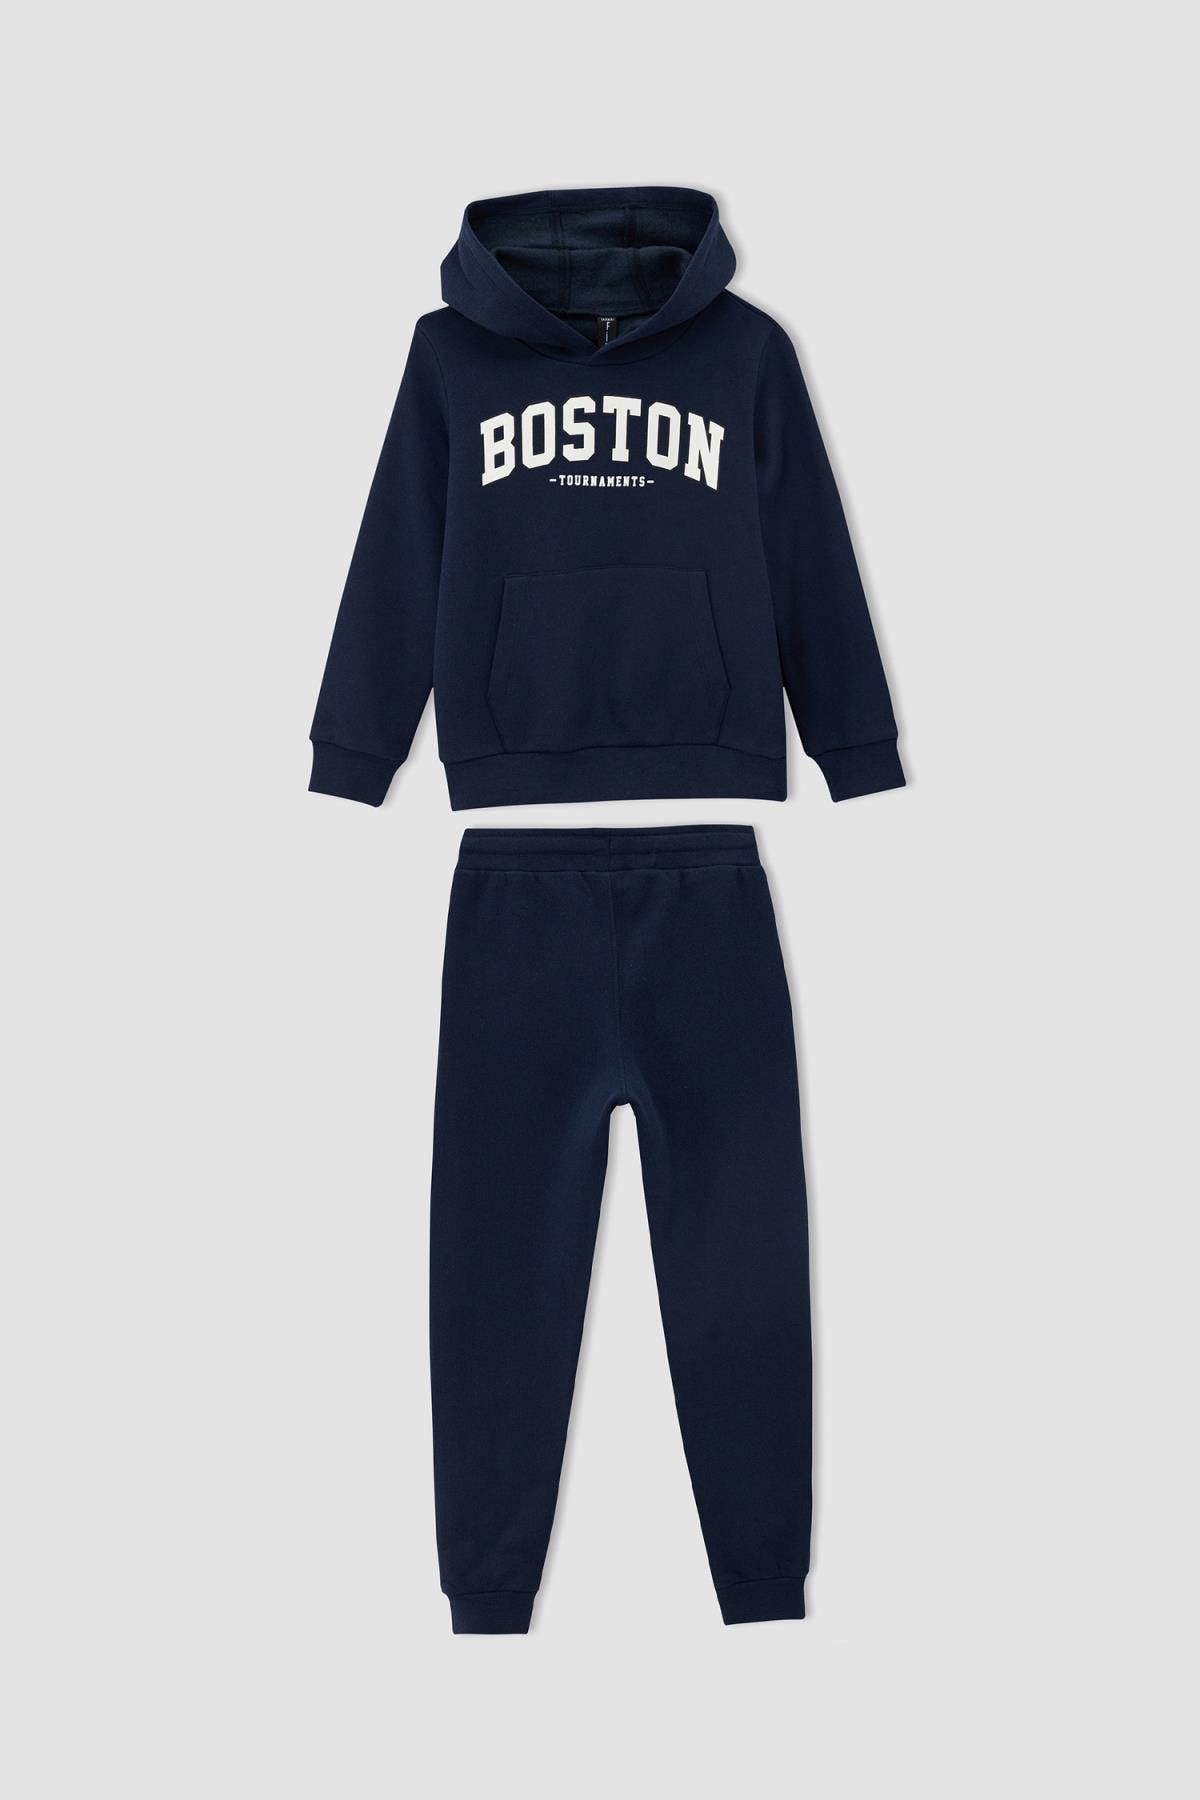 DeFacto Erkek Çocuk Slim Fit Slogan Baskılı Sweatshirt Ve Jogger Eşofman Takımı